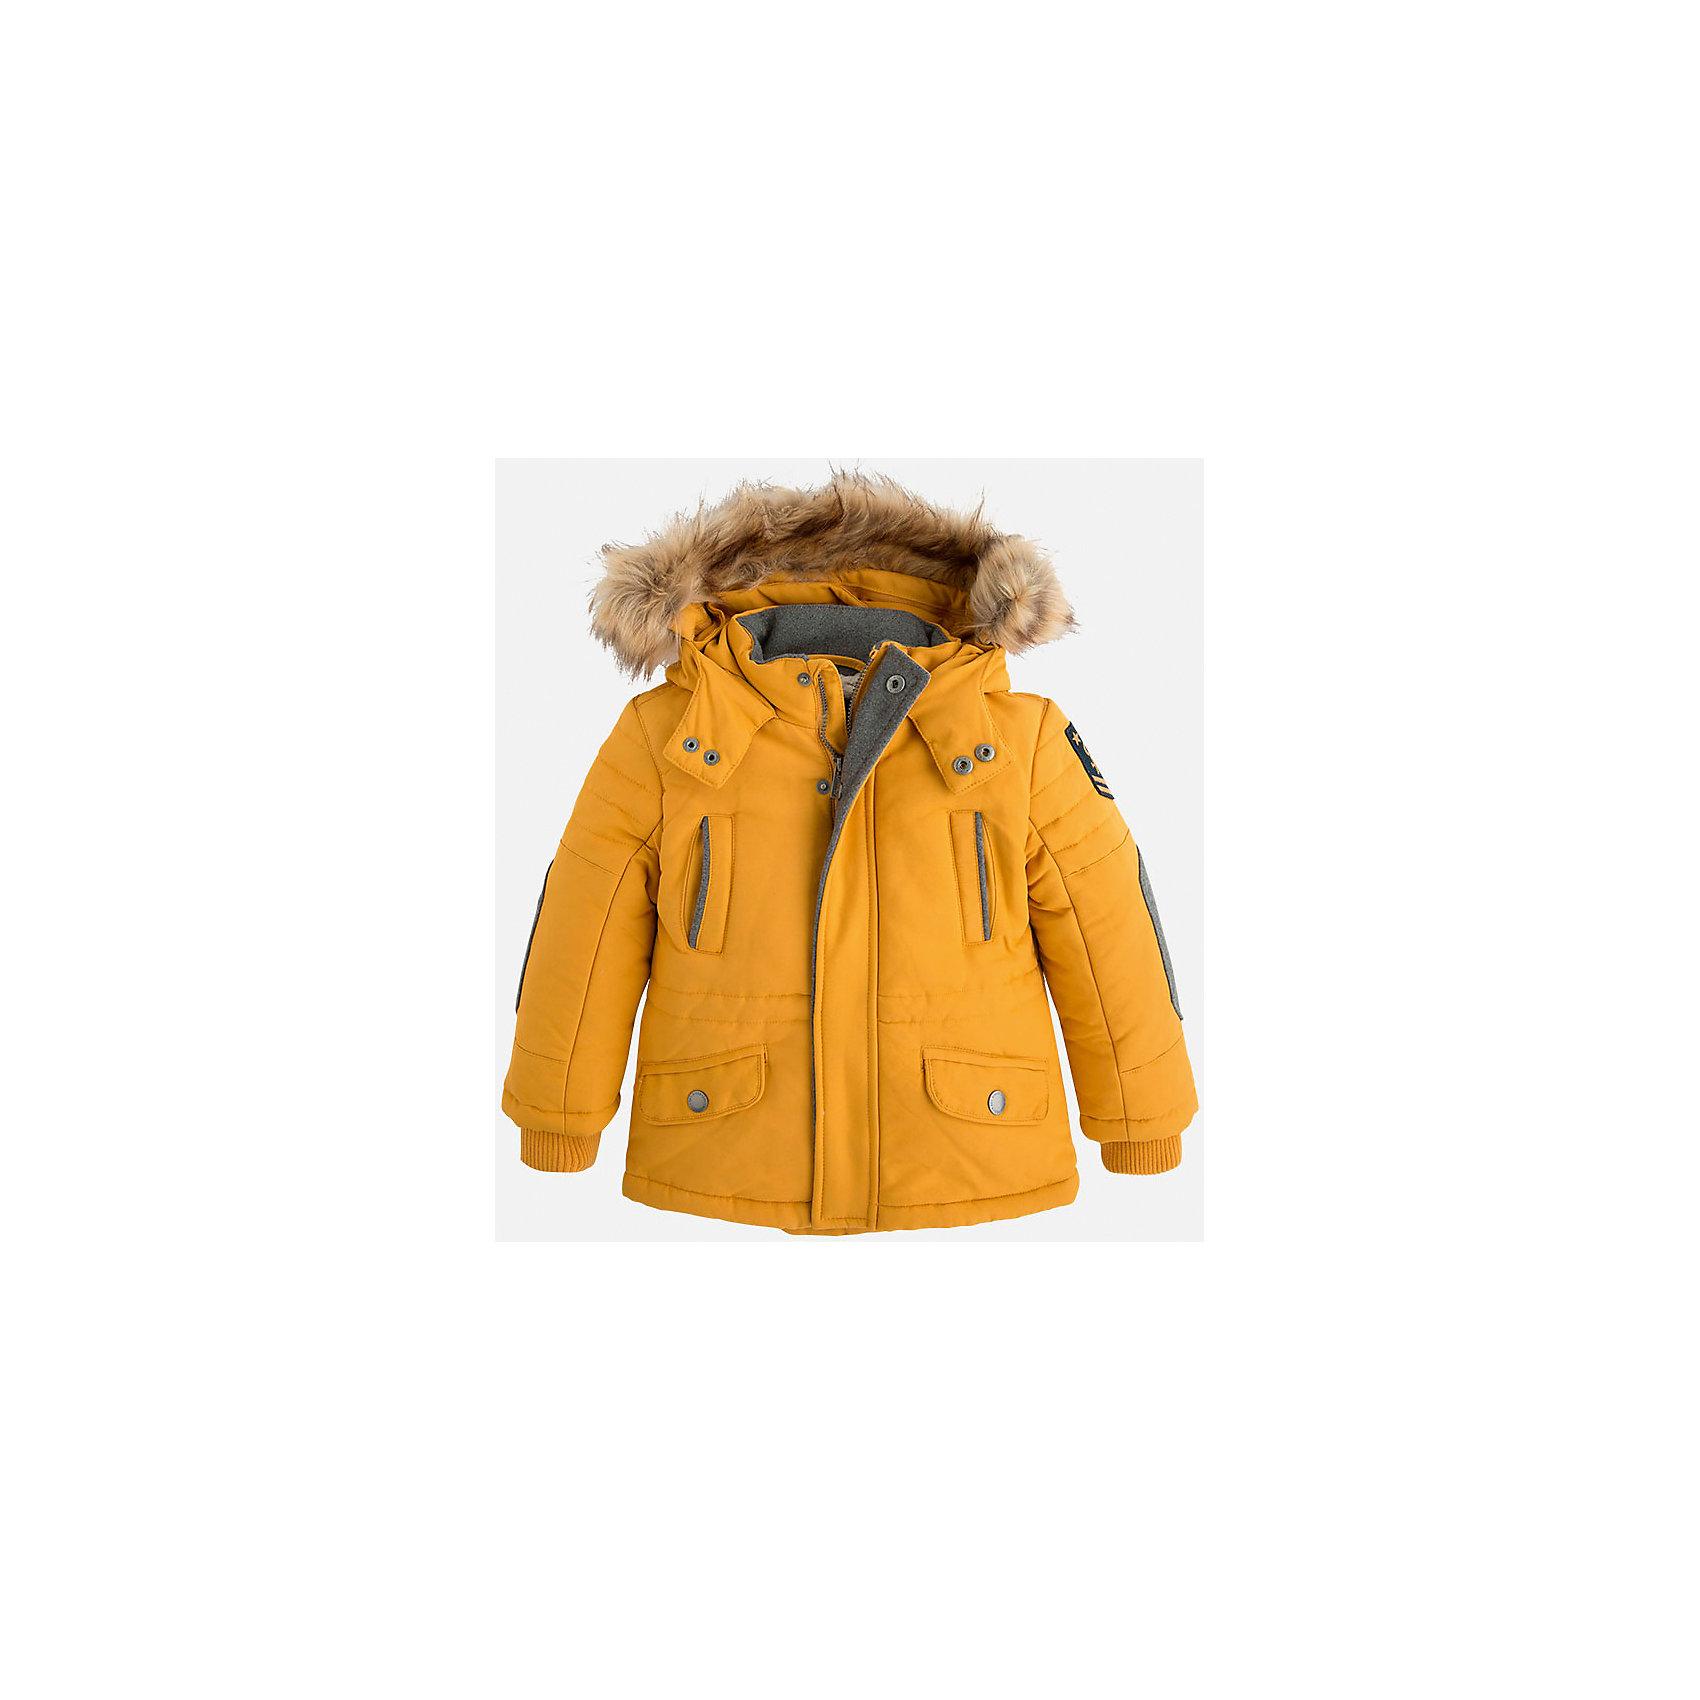 Куртка для мальчика MayoralСтильная осенняя куртка для Вашего модника!<br>Куртка практична и удобна в носке. <br>Порадуйте своего юного модника таким чудесным подарком!<br><br>Дополнительная информация:<br><br>- Крой: прямой крой.<br>- Страна бренда: Испания.<br>- Состав: <br>Верхняя ткань: полиэстер 100%.<br>Подкладка: полиэстер 100%.<br>Наполнитель: полиэстер 100%.<br>- Цвет: желтый.<br>- Уход: бережная стирка при 30 градусах.<br><br>Купить куртку для мальчика Mayoral можно в нашем магазине.<br><br>Ширина мм: 356<br>Глубина мм: 10<br>Высота мм: 245<br>Вес г: 519<br>Цвет: бежевый<br>Возраст от месяцев: 96<br>Возраст до месяцев: 108<br>Пол: Мужской<br>Возраст: Детский<br>Размер: 128,92,98,134,122,116,110,104<br>SKU: 4822017